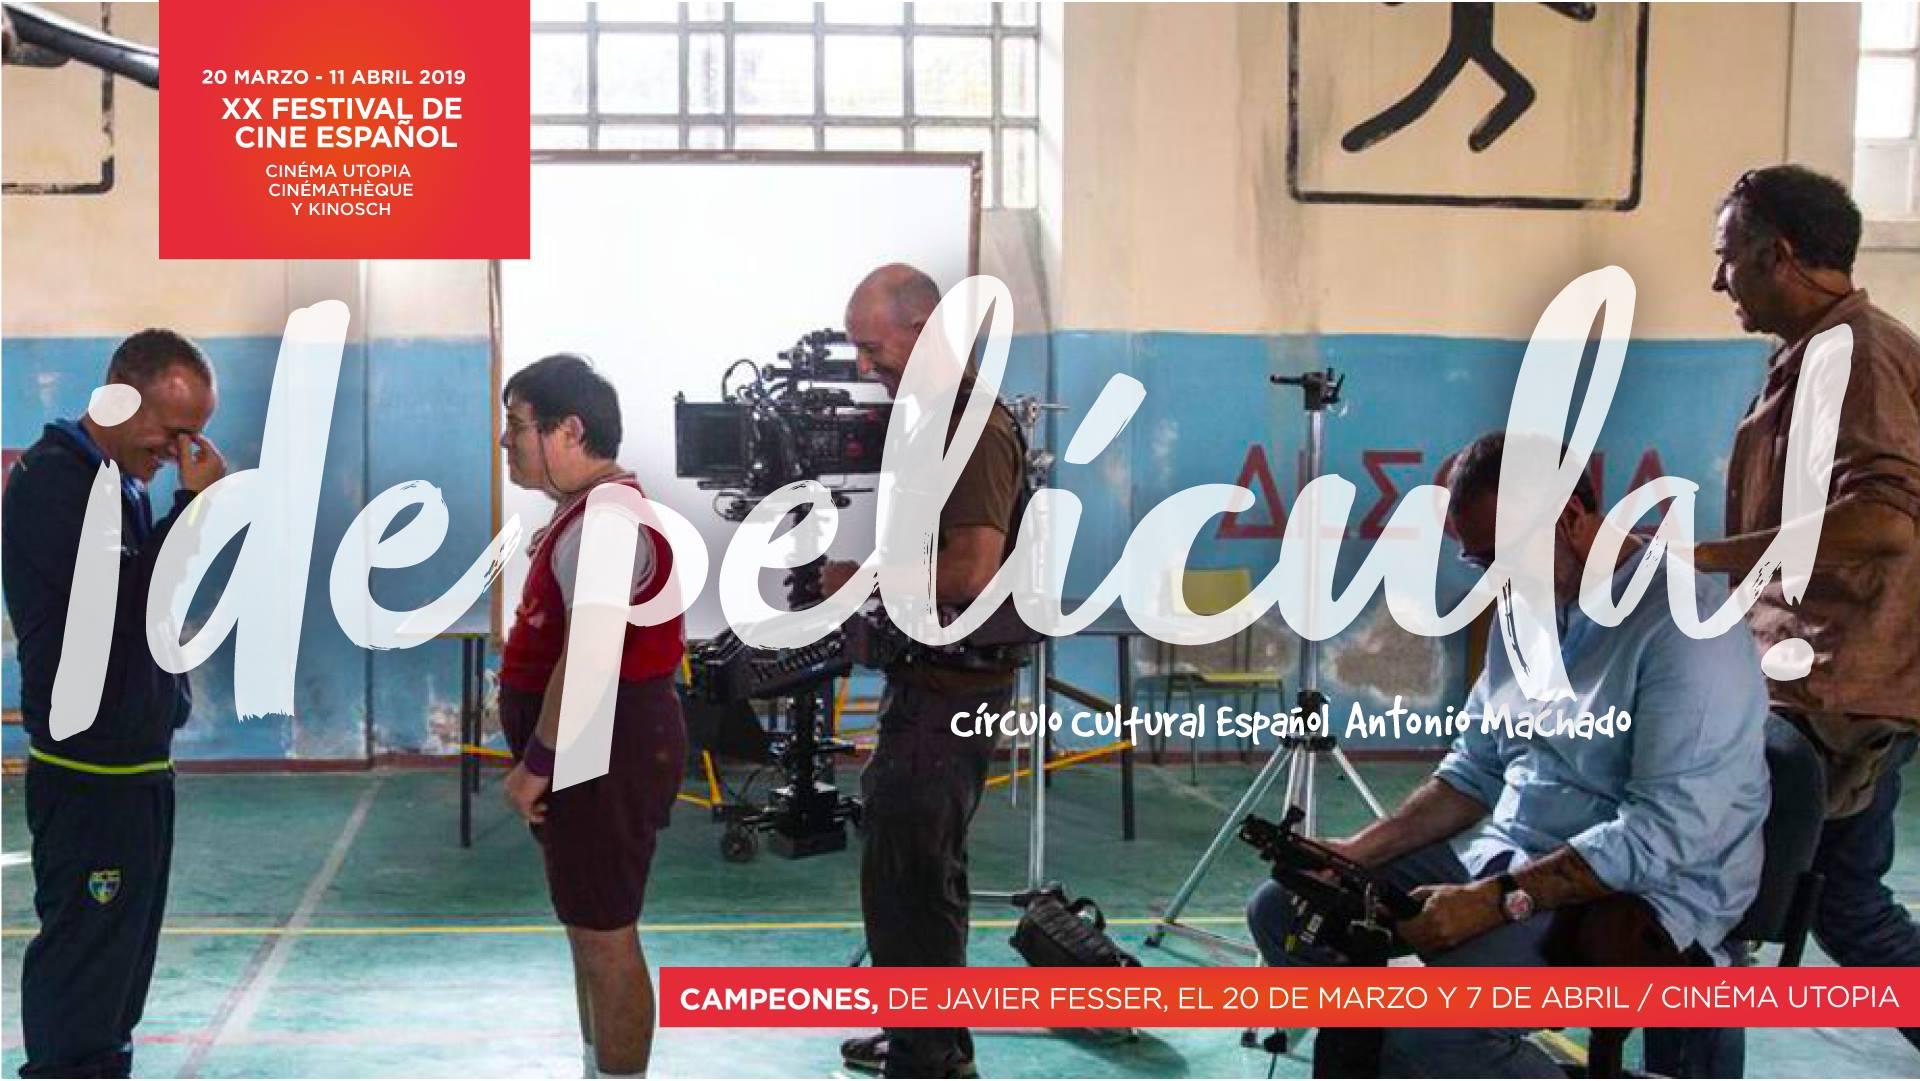 festival de cine espanol